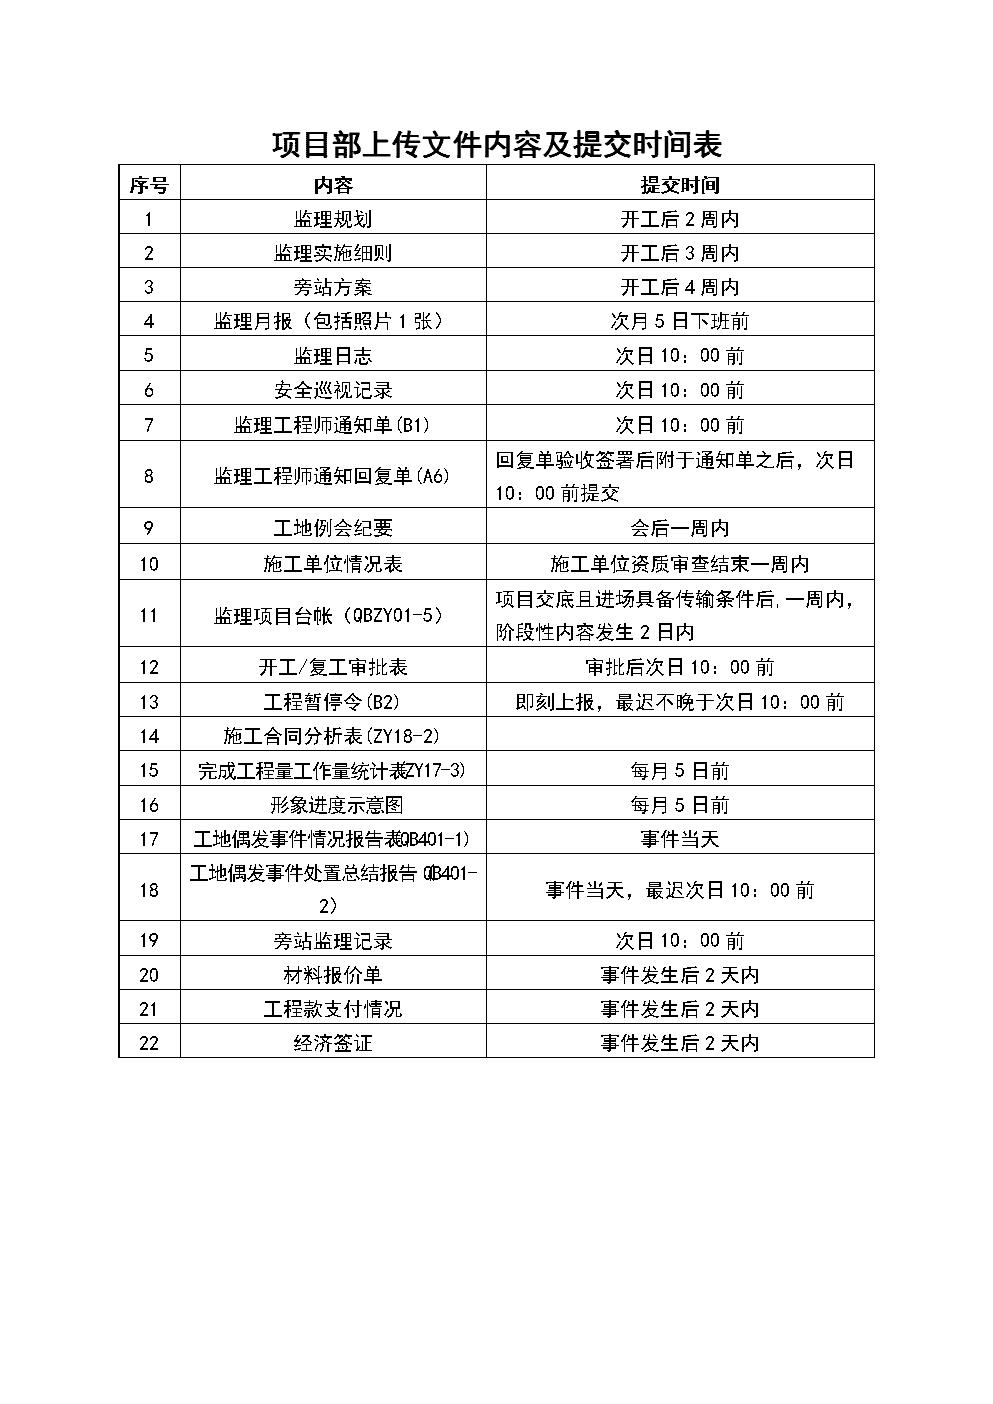 项目部上传文件内容及提交时间表.doc